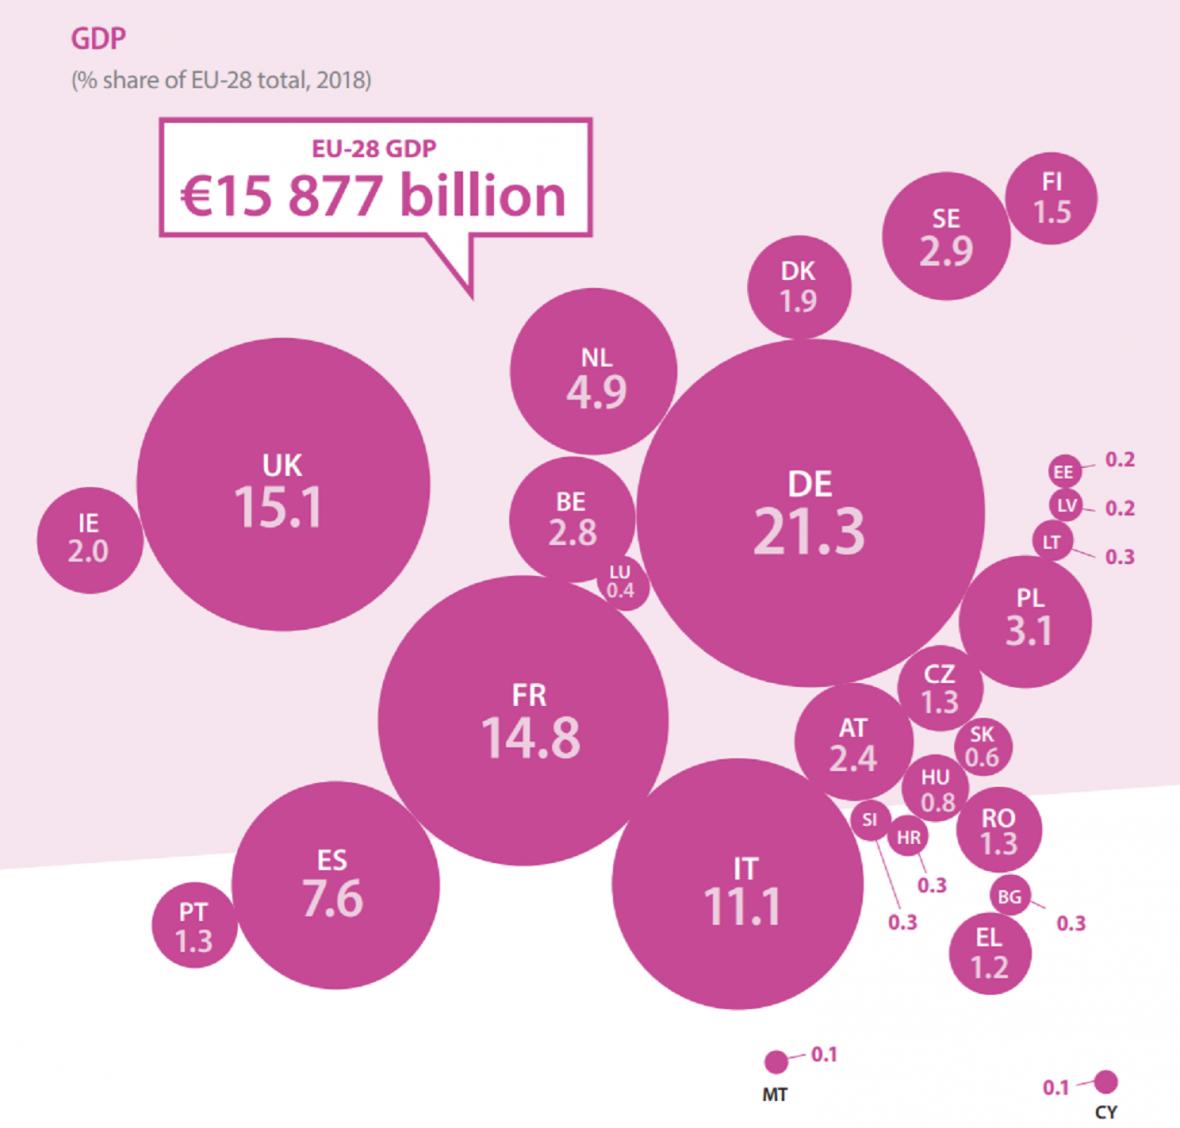 Podíl států na HDP Evropské unie